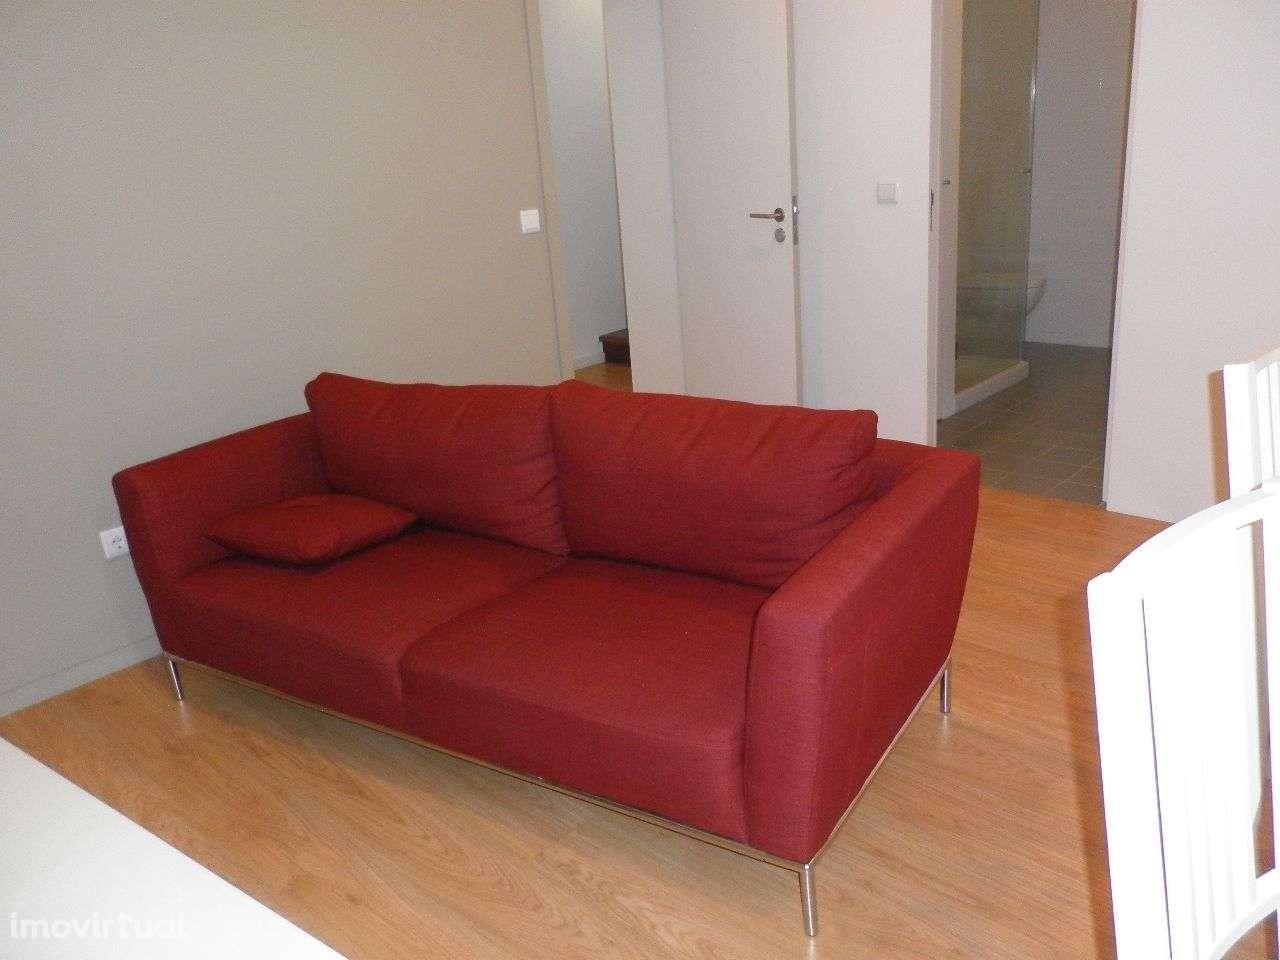 Apartamento para arrendar, Cedofeita, Santo Ildefonso, Sé, Miragaia, São Nicolau e Vitória, Porto - Foto 19